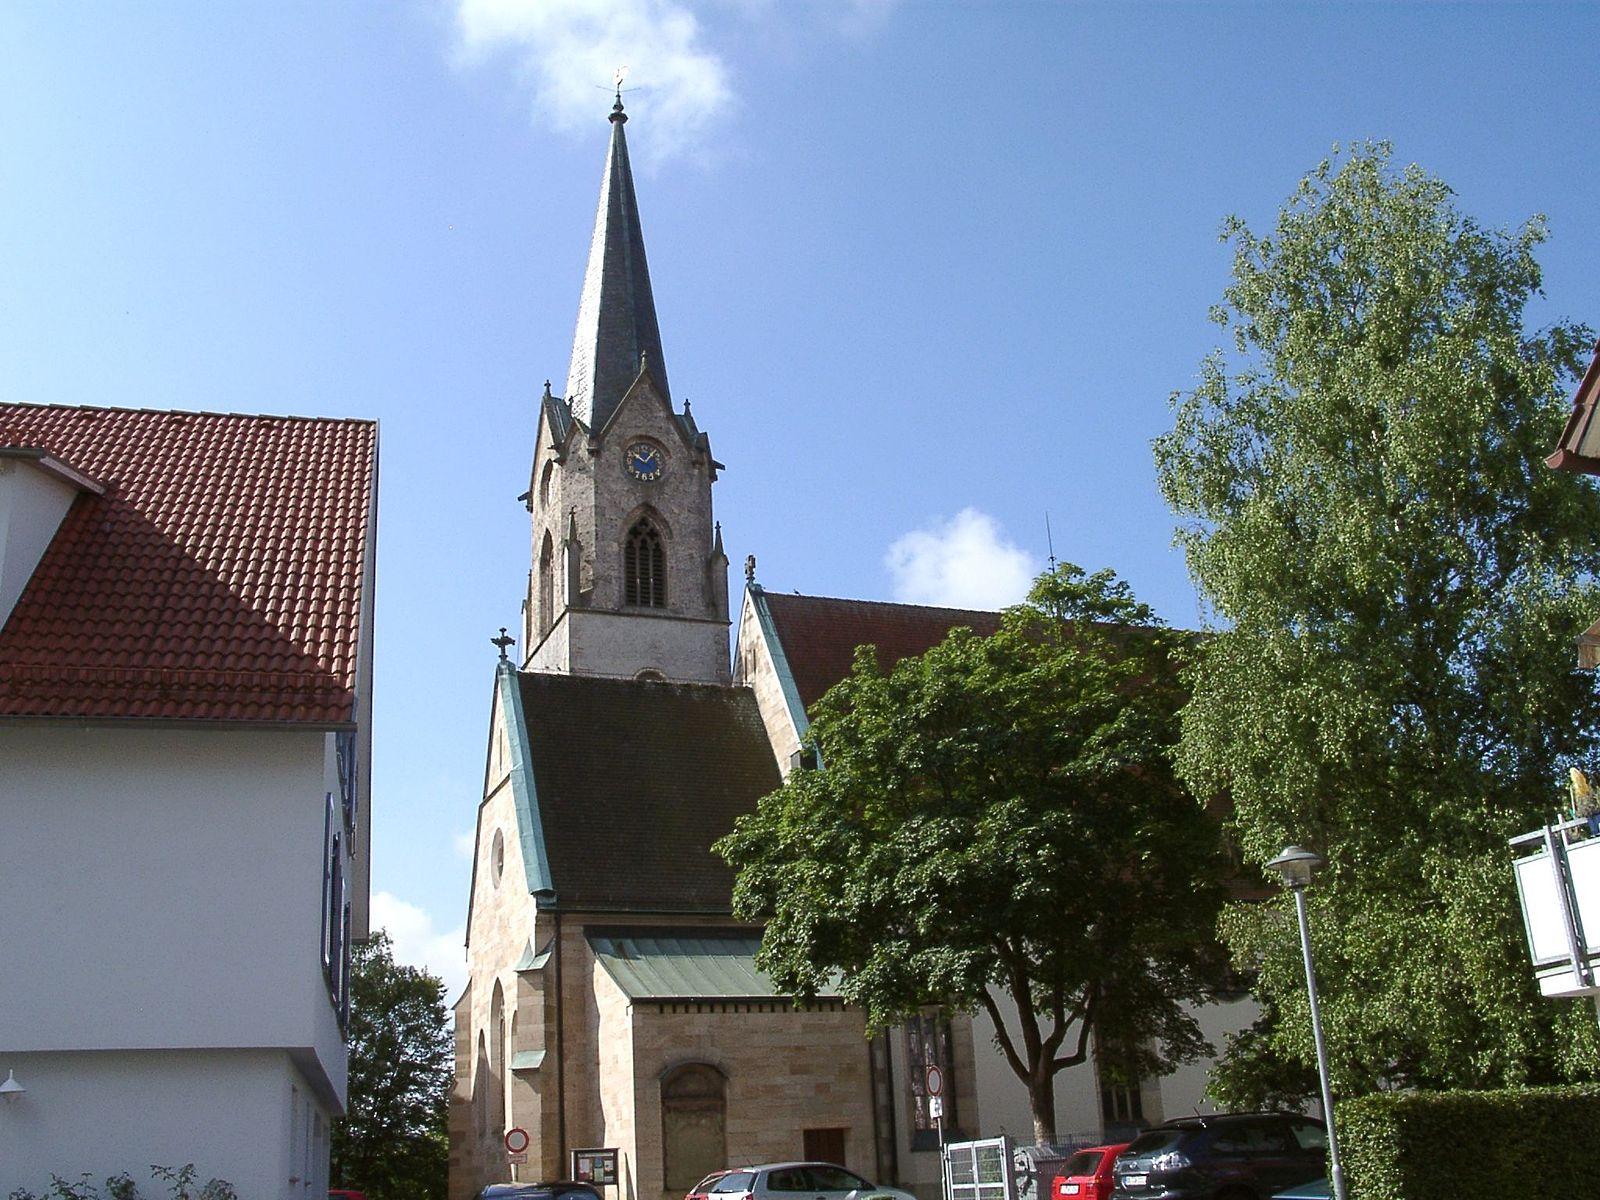 1600px-Lustnau_Evangelische_Kirche_Nordseite_01